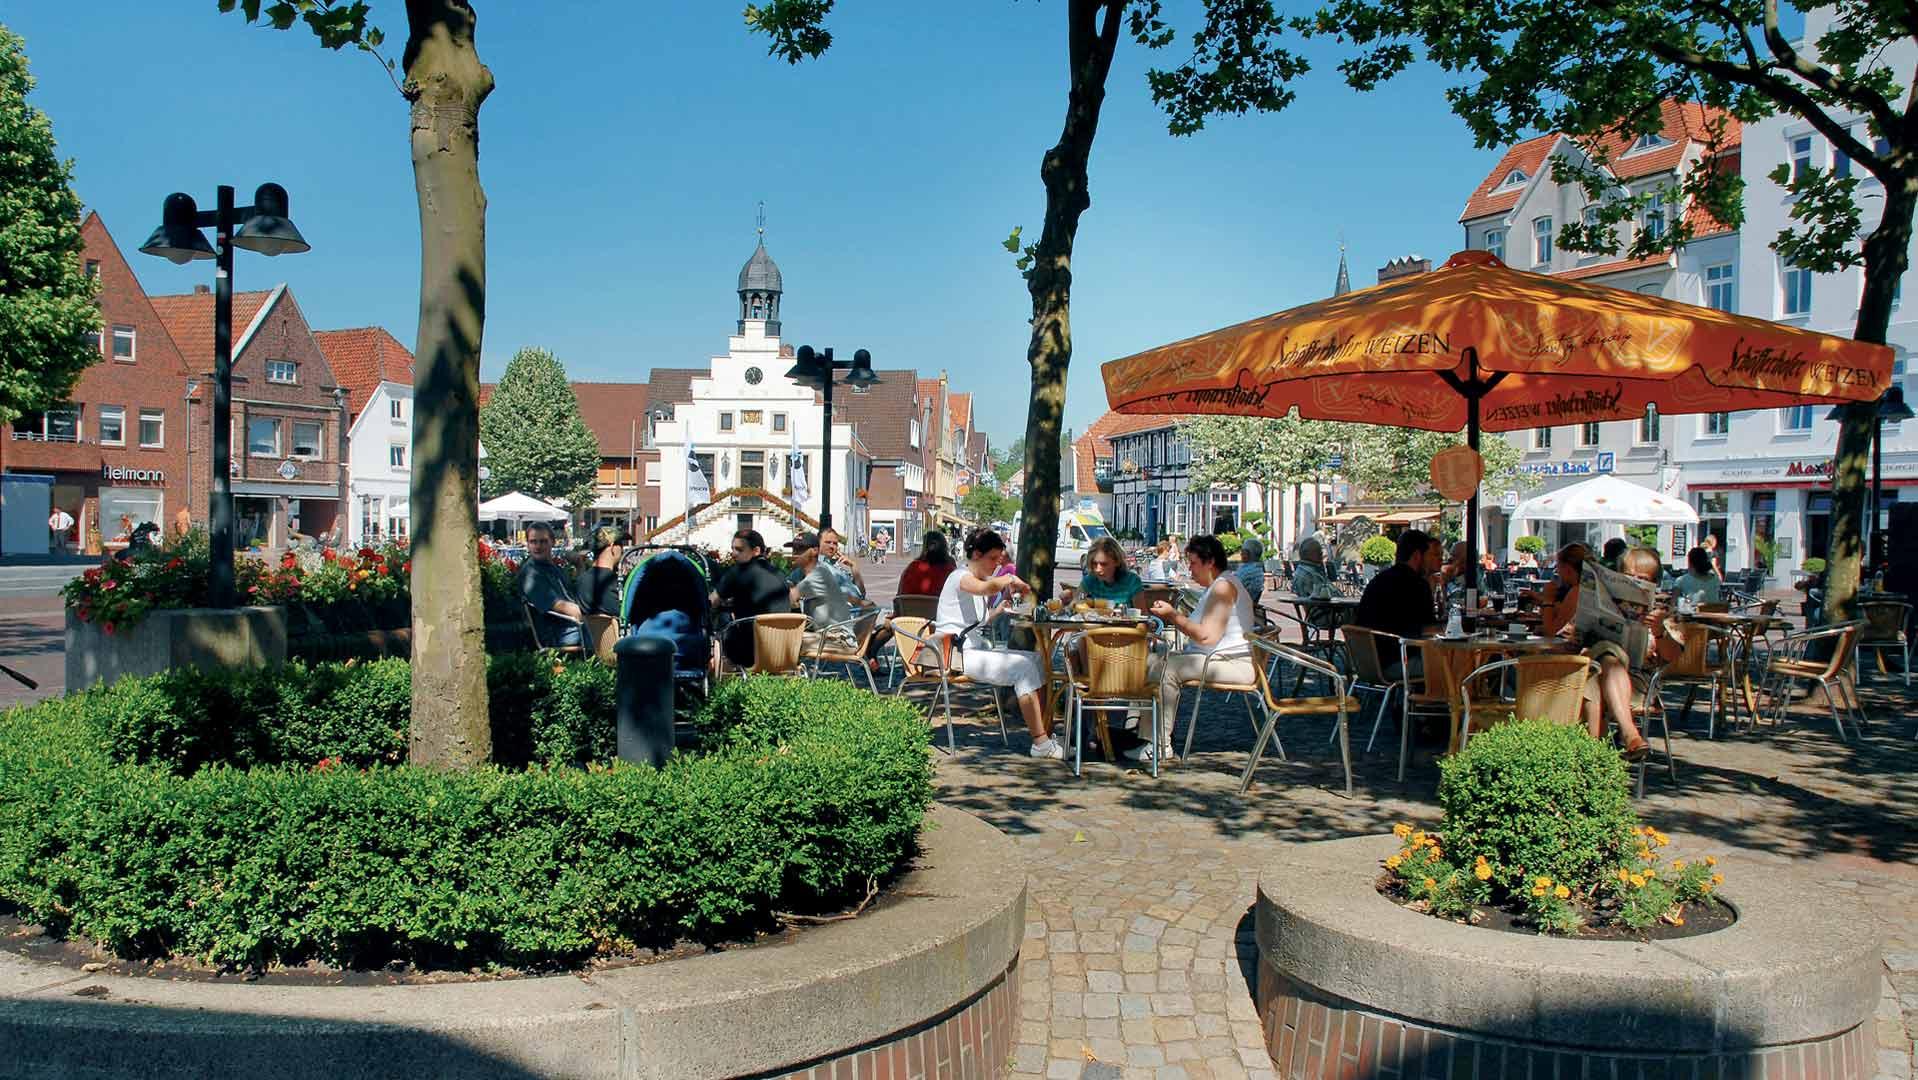 Gezellig een terrasje pakken in Lingen in het Emsland.